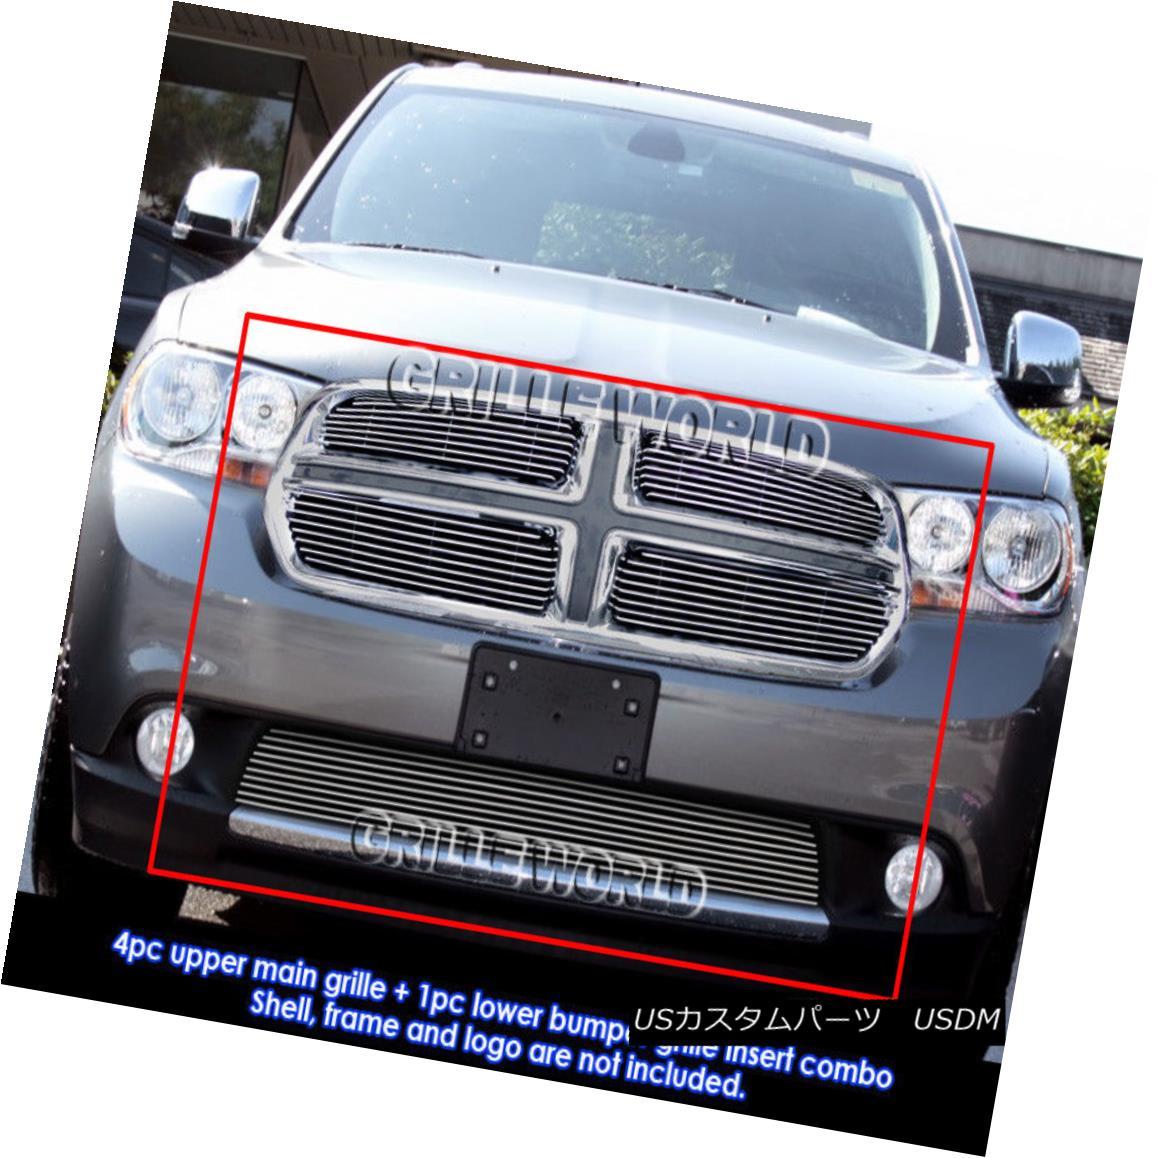 グリル Fits 2011-2013 Dodge Durango Billet Grille Grill Insert Combo 2011-2013 Dodge Durangoビレットグリルグリルインサートコンボ